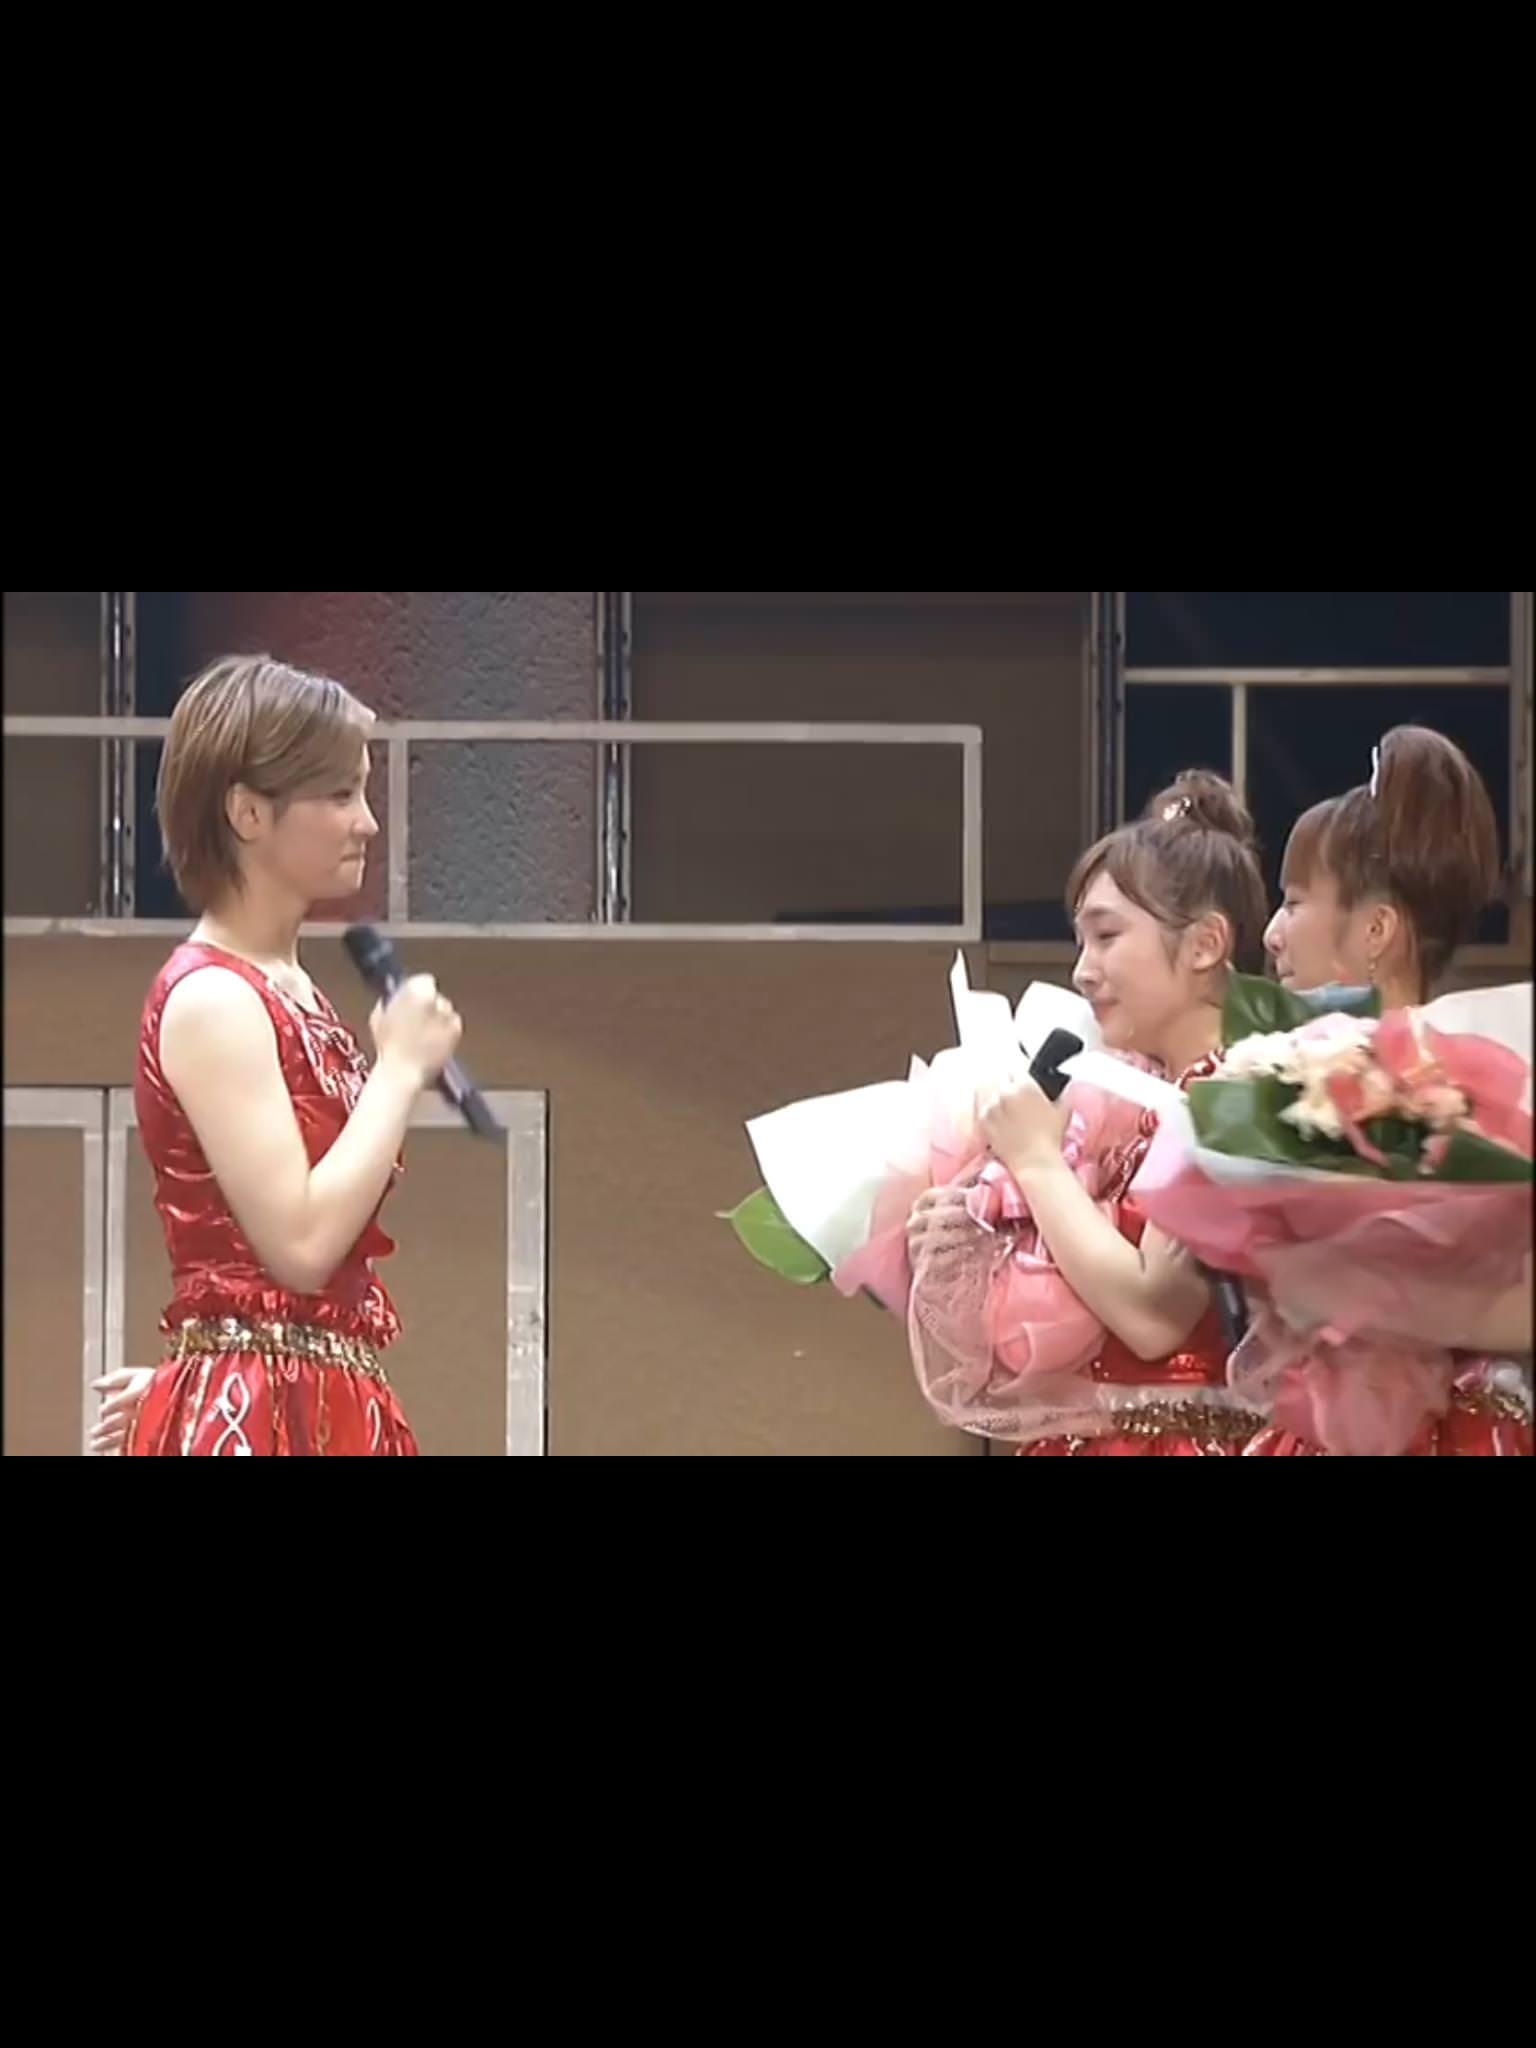 【画像】加護ちゃん&辻ちゃんがモー娘。卒業した時のコンサート・・・